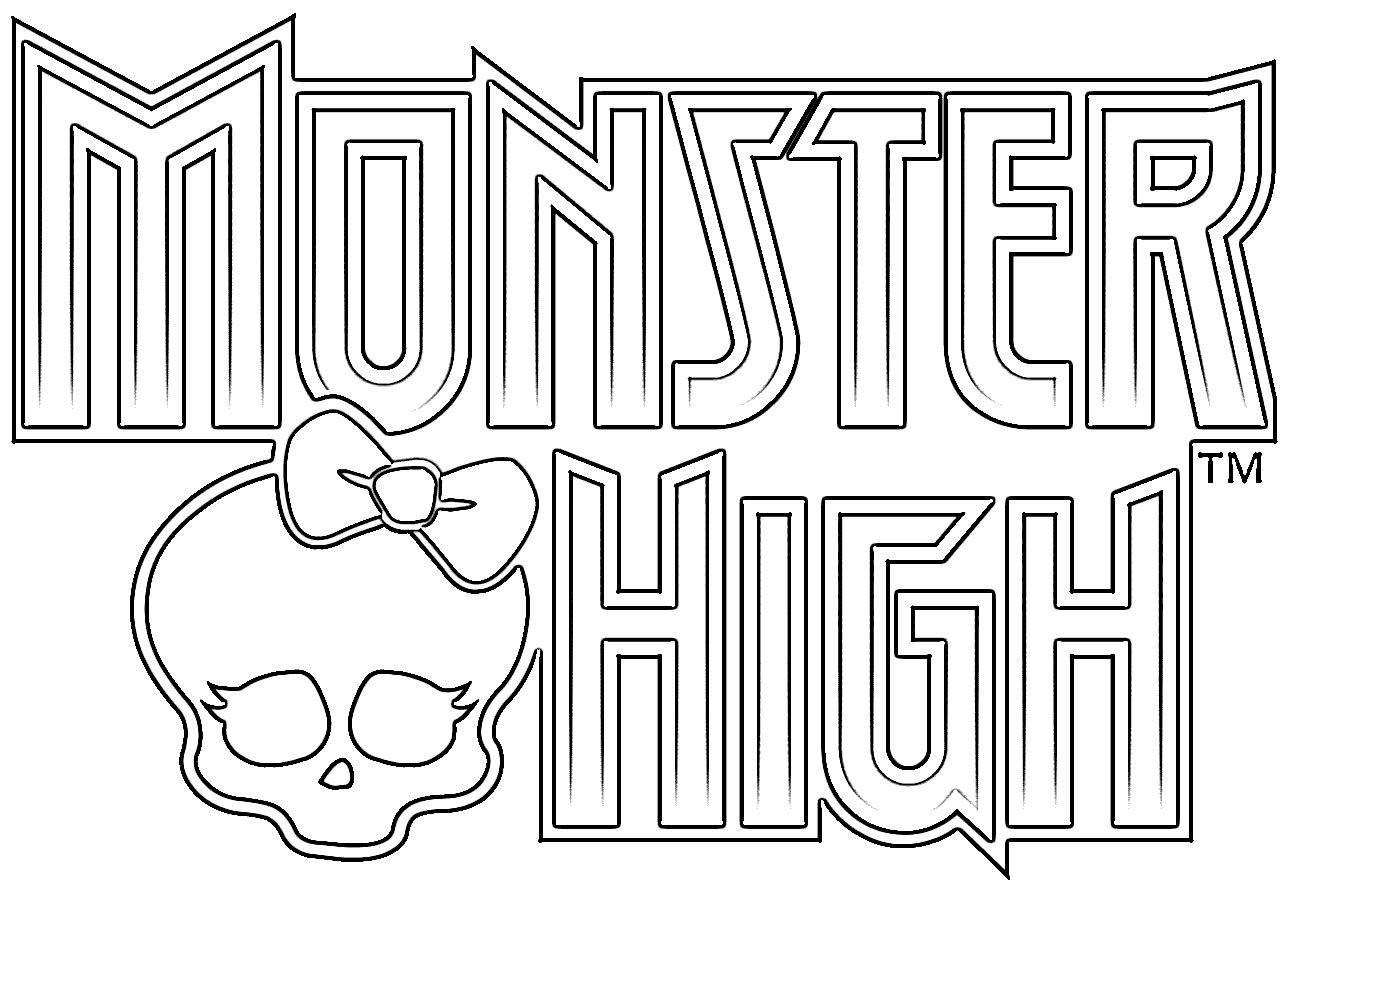 Monster High Ausmalbilder Clawdeen Genial Ausmalbild Monster High Clawdeen Wolf Schön Monster High Sammlung